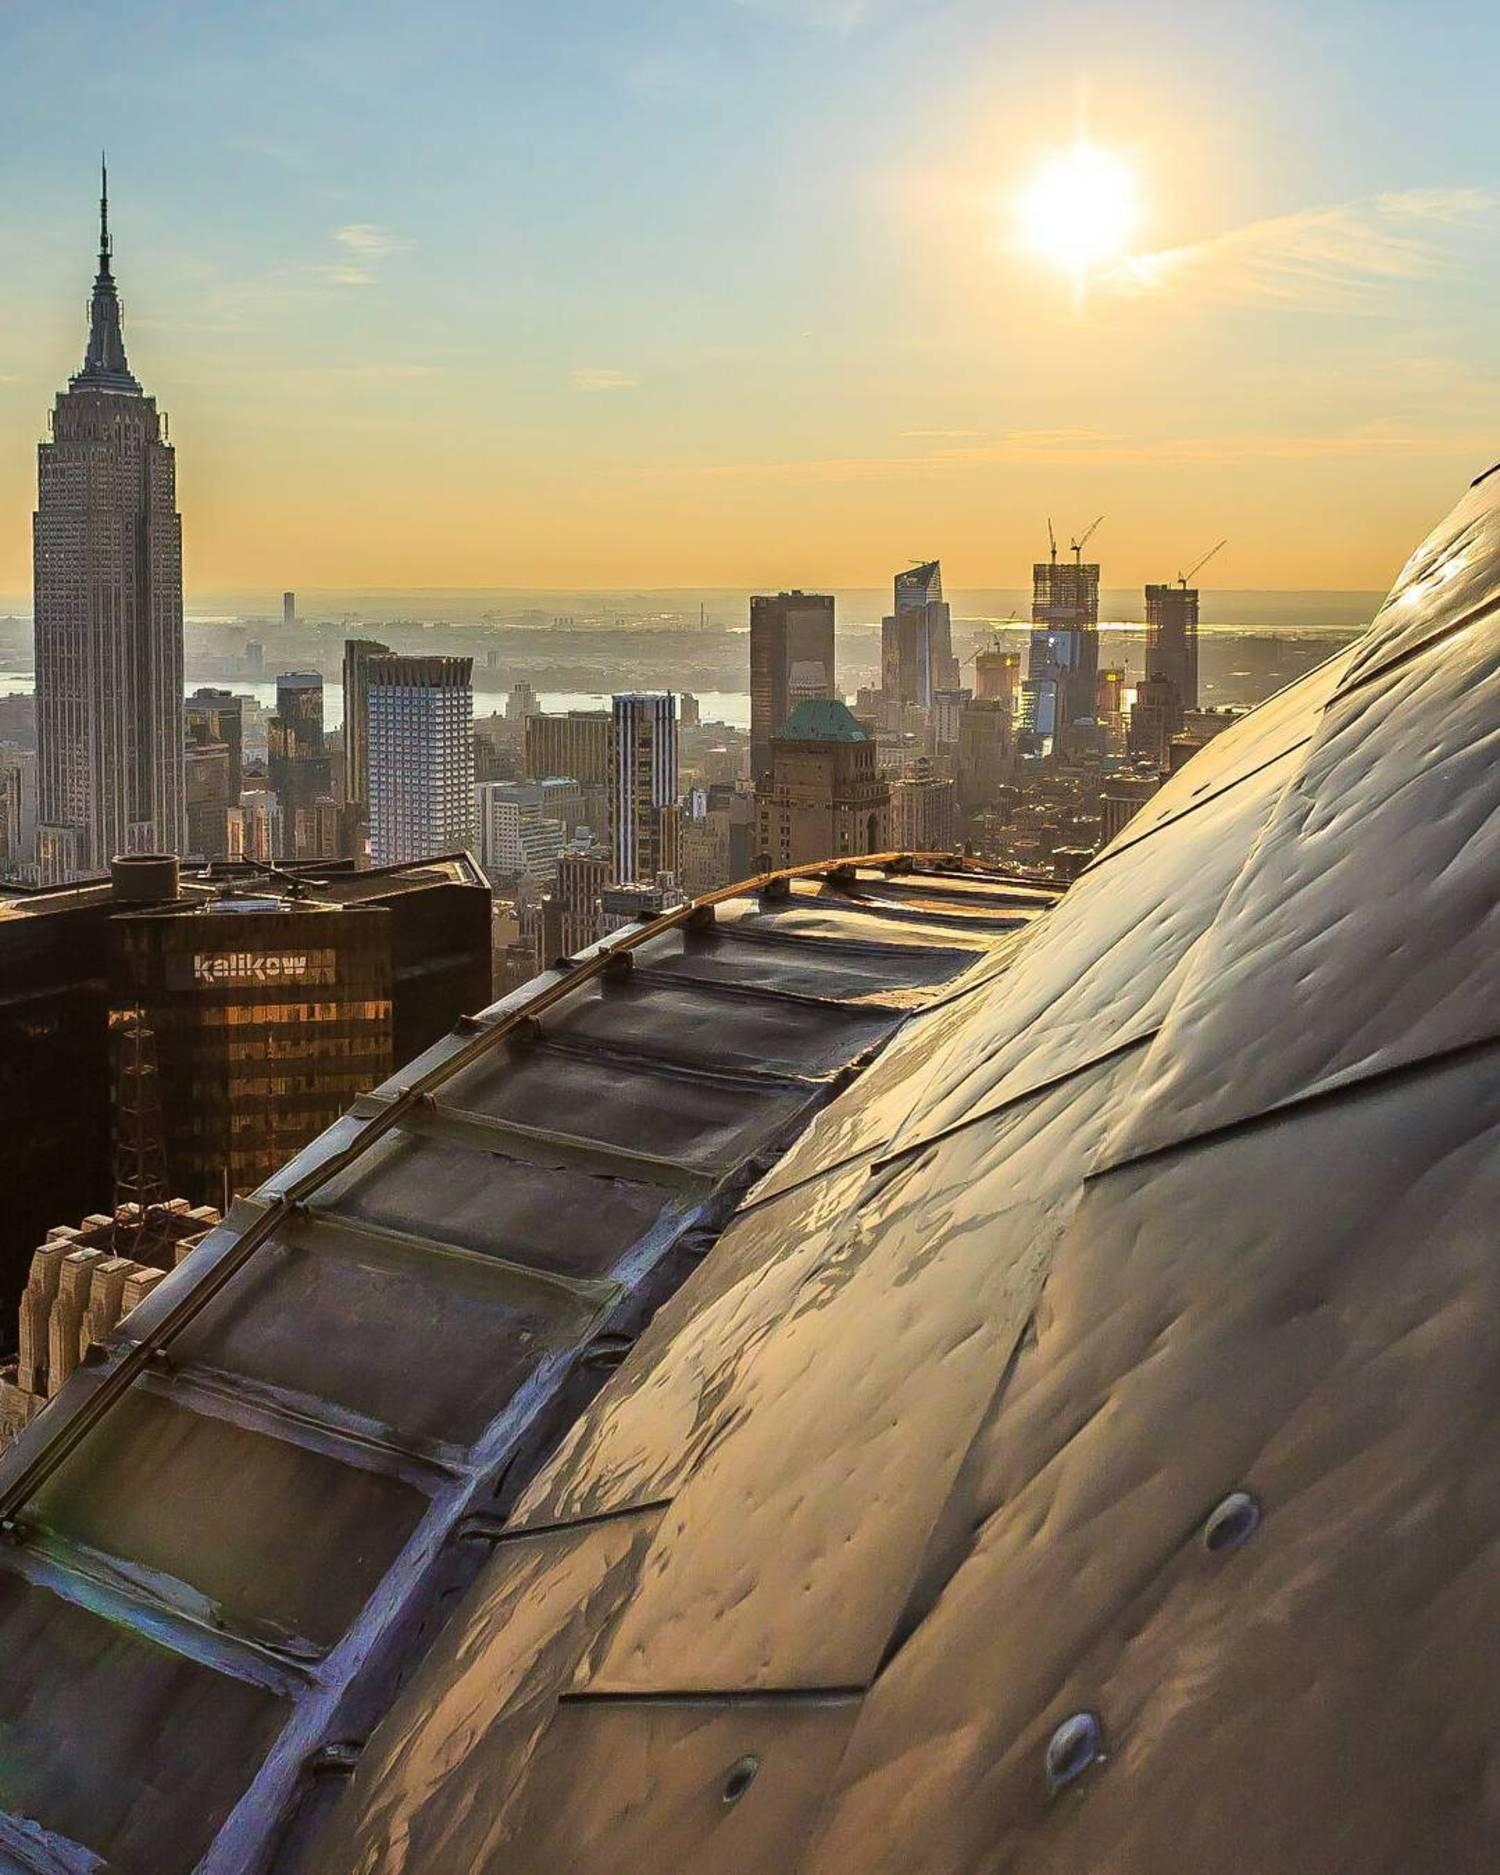 Midtown Manhattan as seen from Chrysler Building